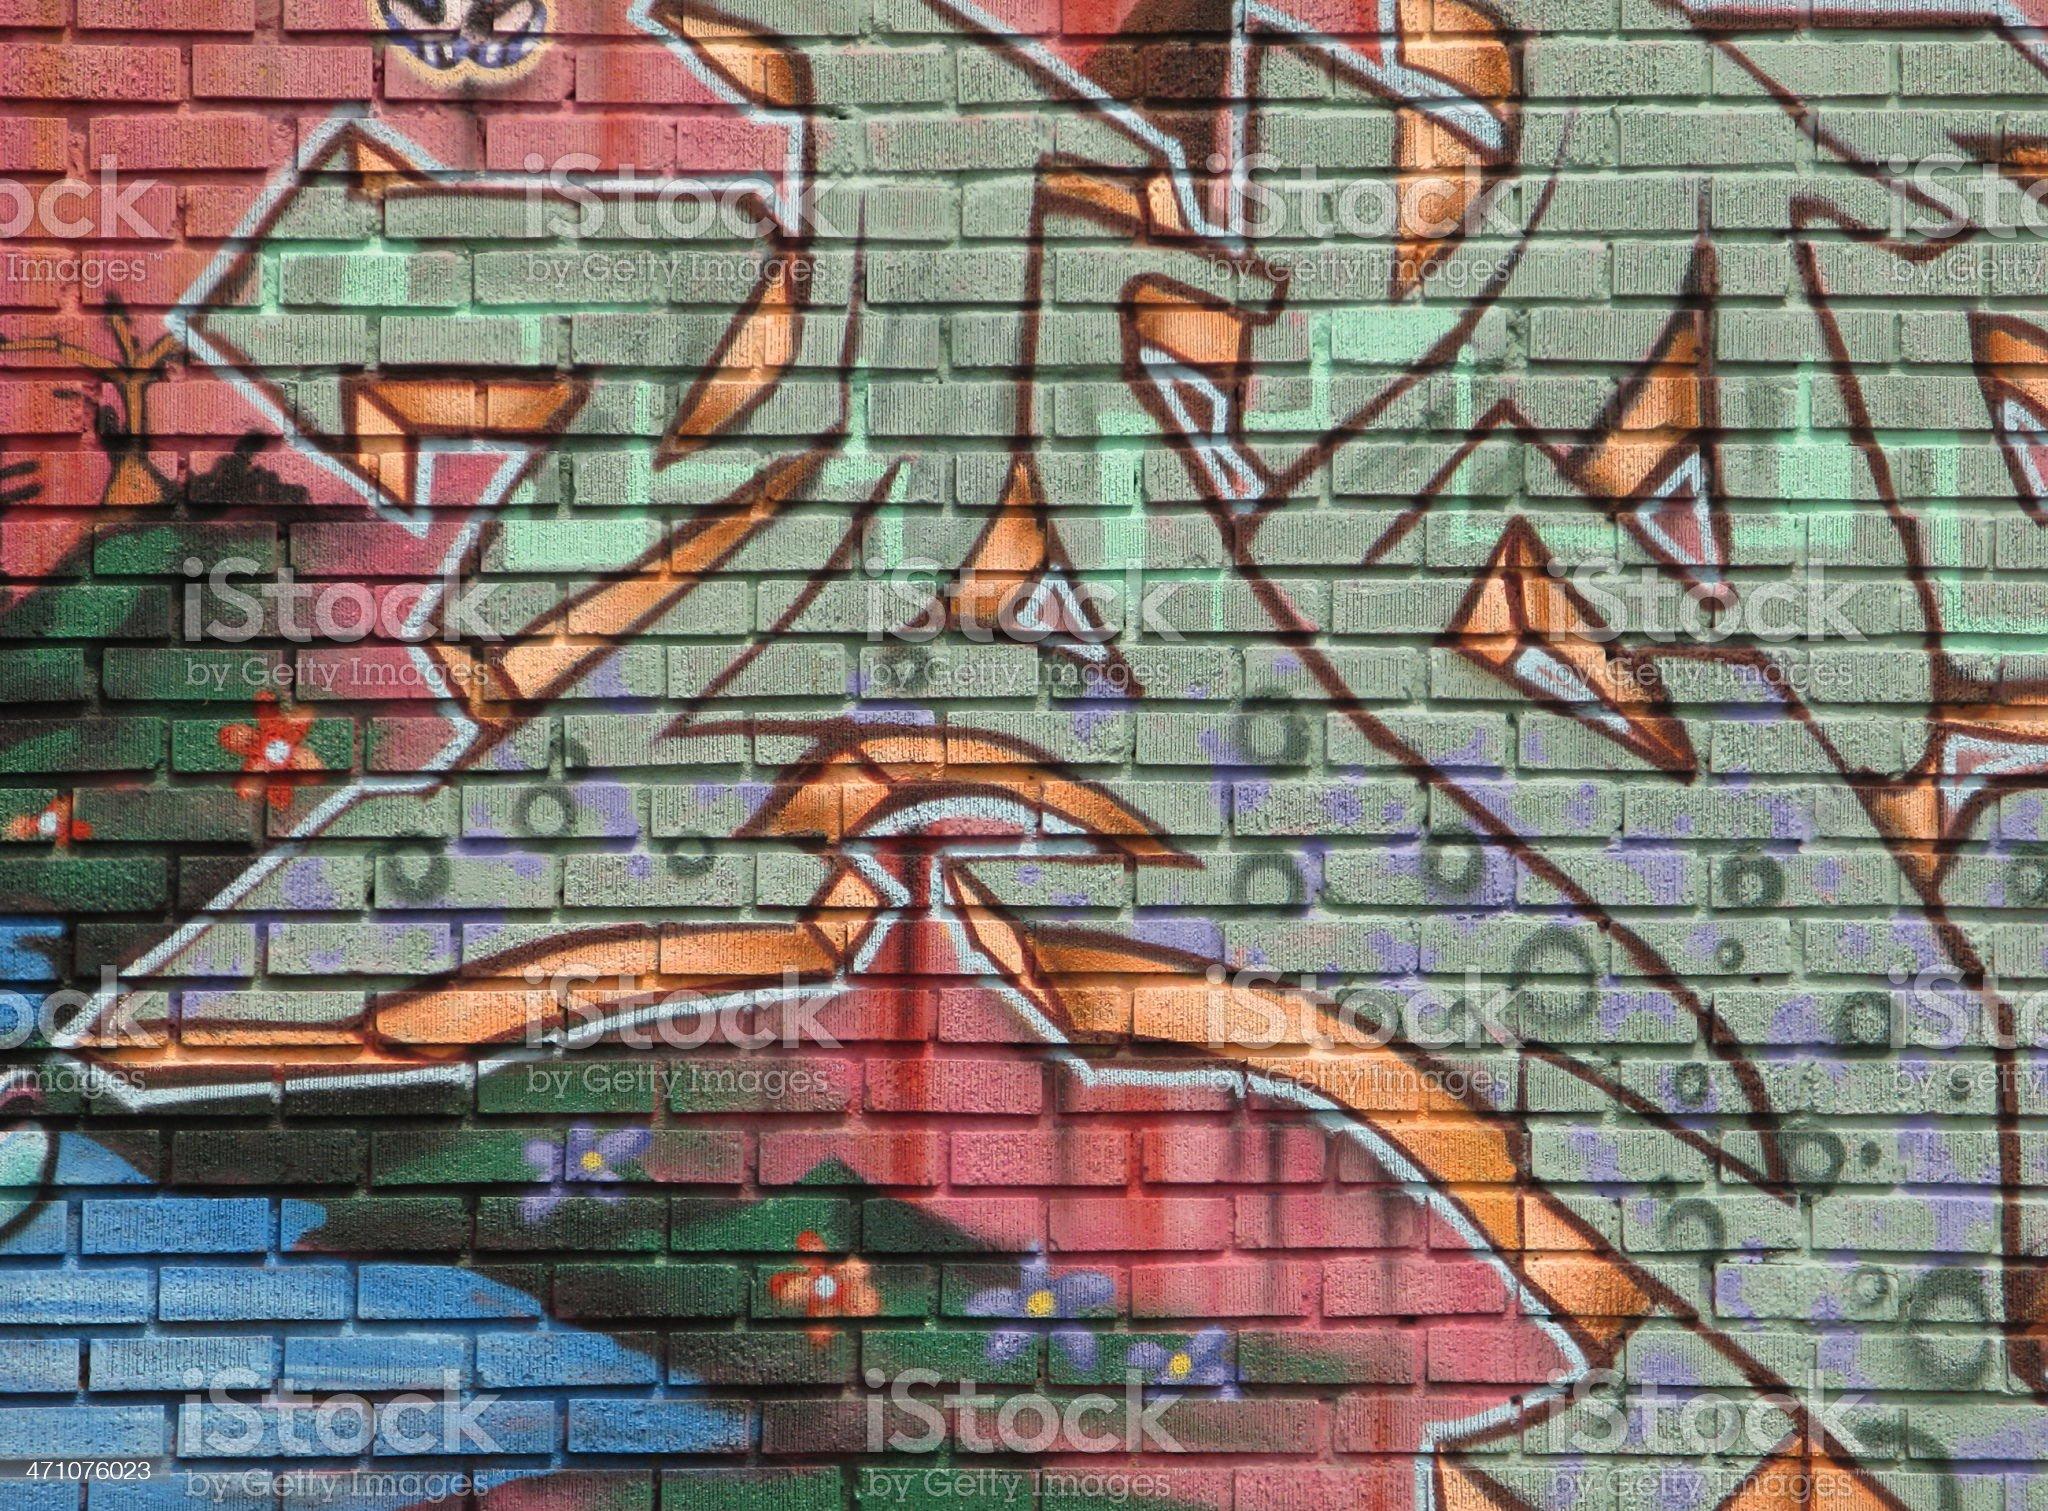 Graffiti Brick Wall Art royalty-free stock vector art